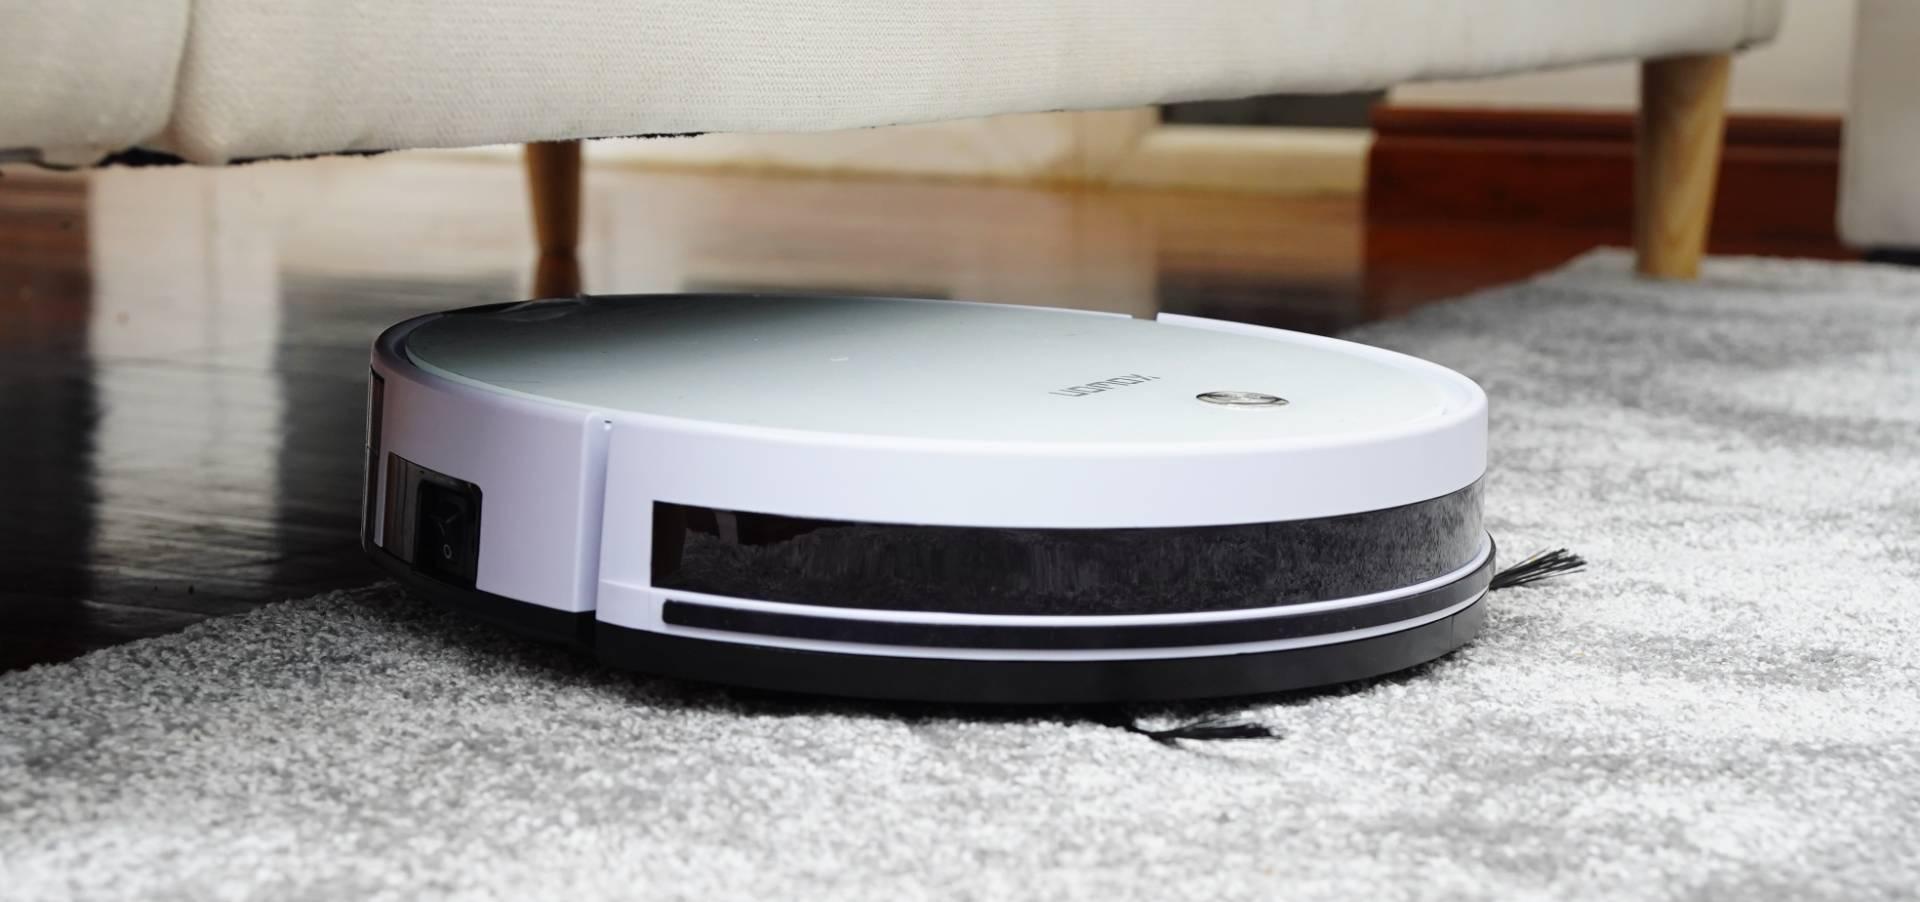 ロボット掃除機で掃除を自動化するならiLifeがおすすめ!